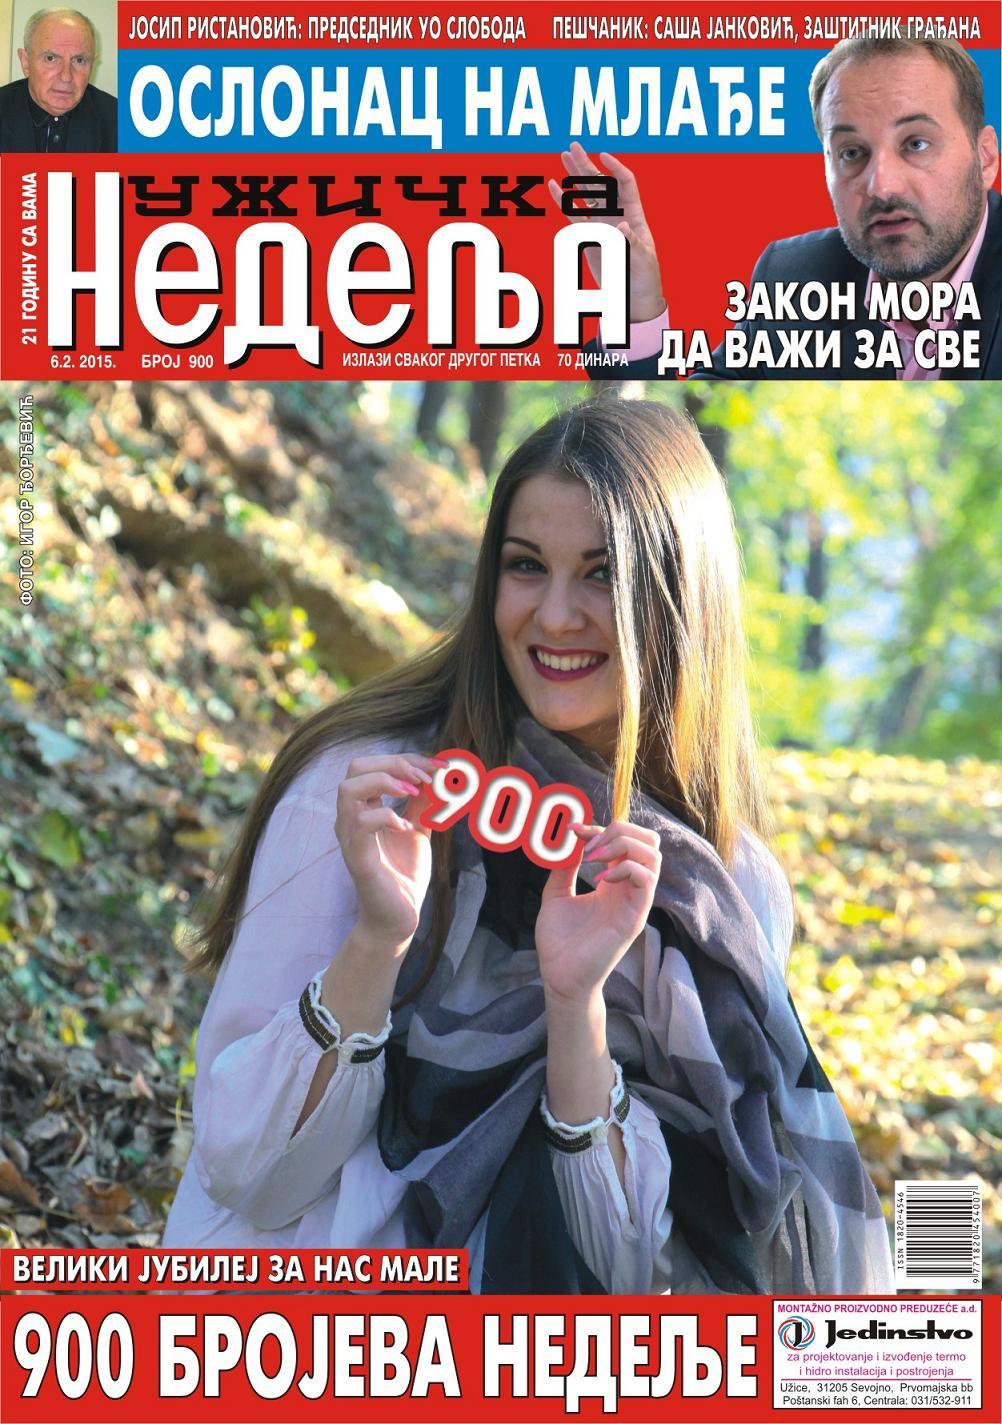 Naslovna 900